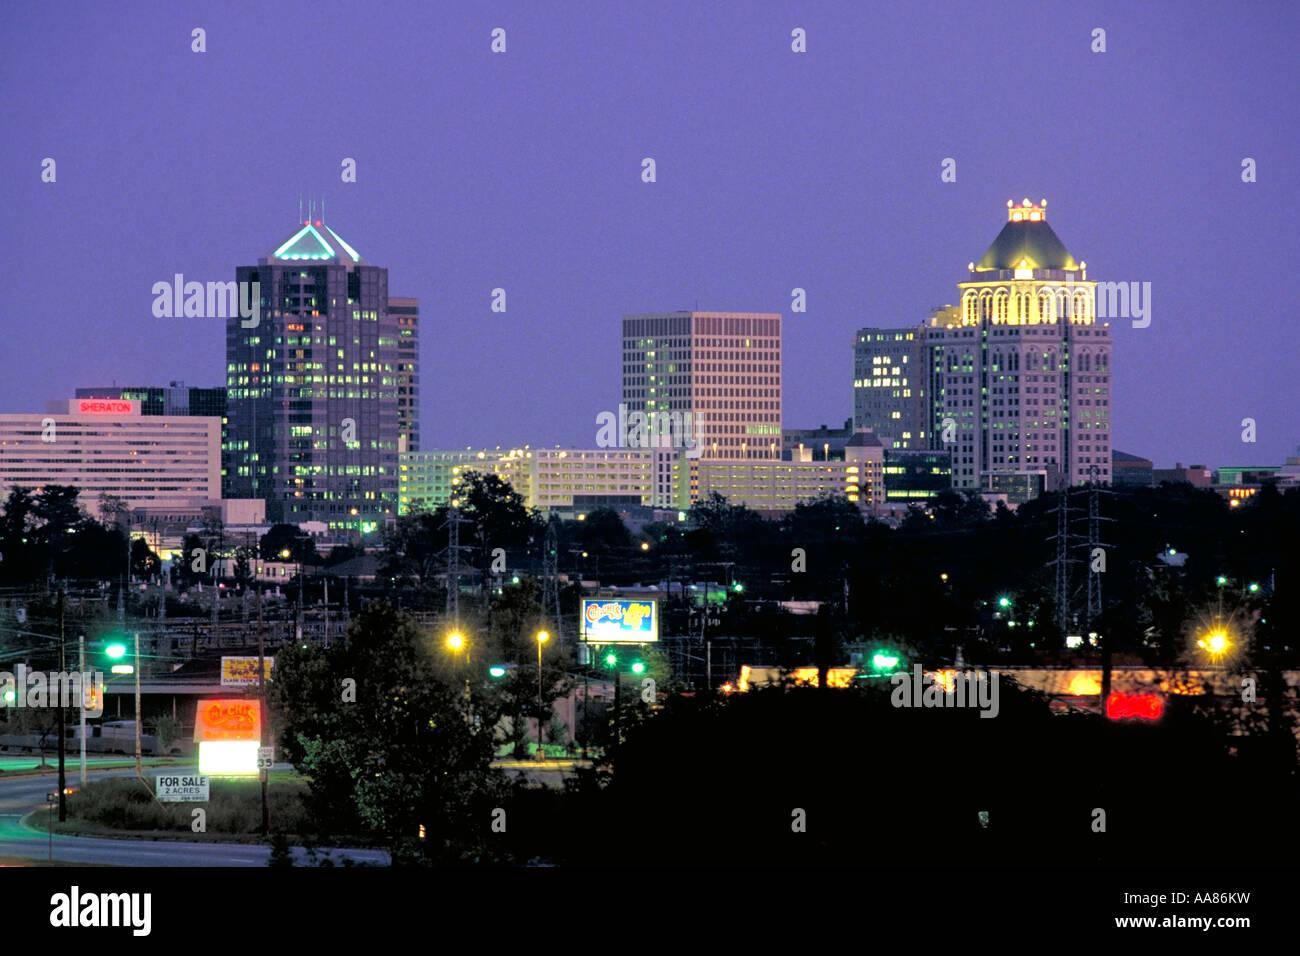 from Bruce carolina gay greensboro nightlife north